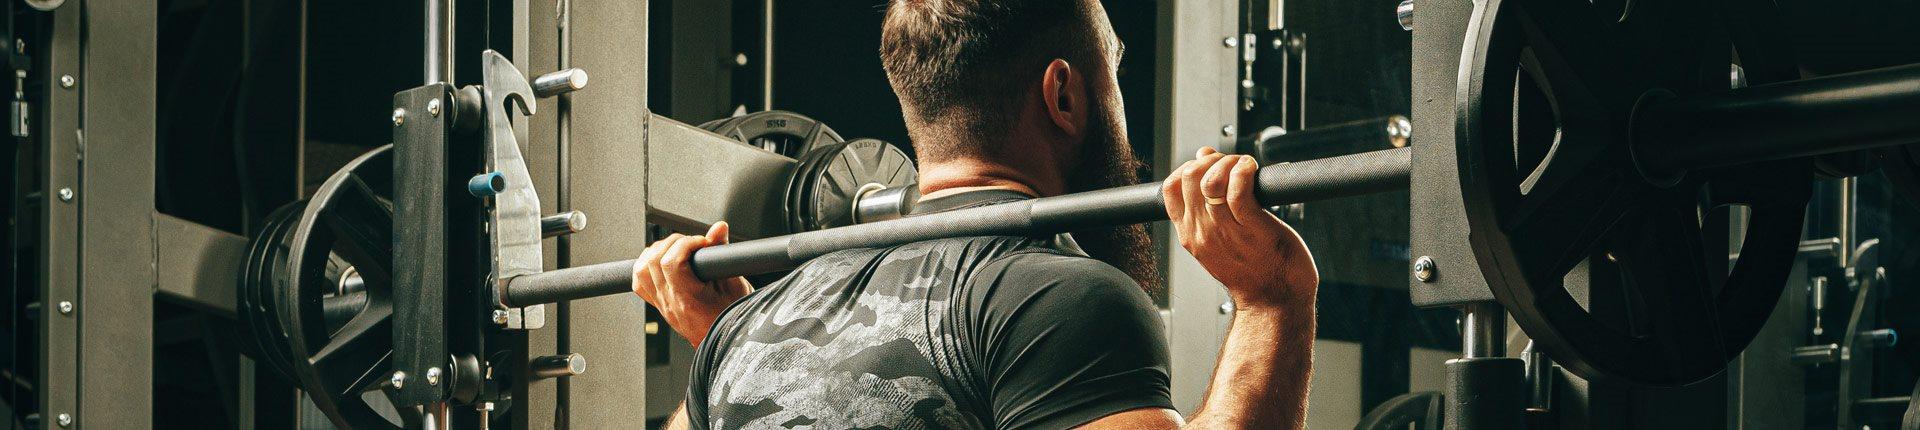 Najbardziej ryzykowne ćwiczenia siłowe